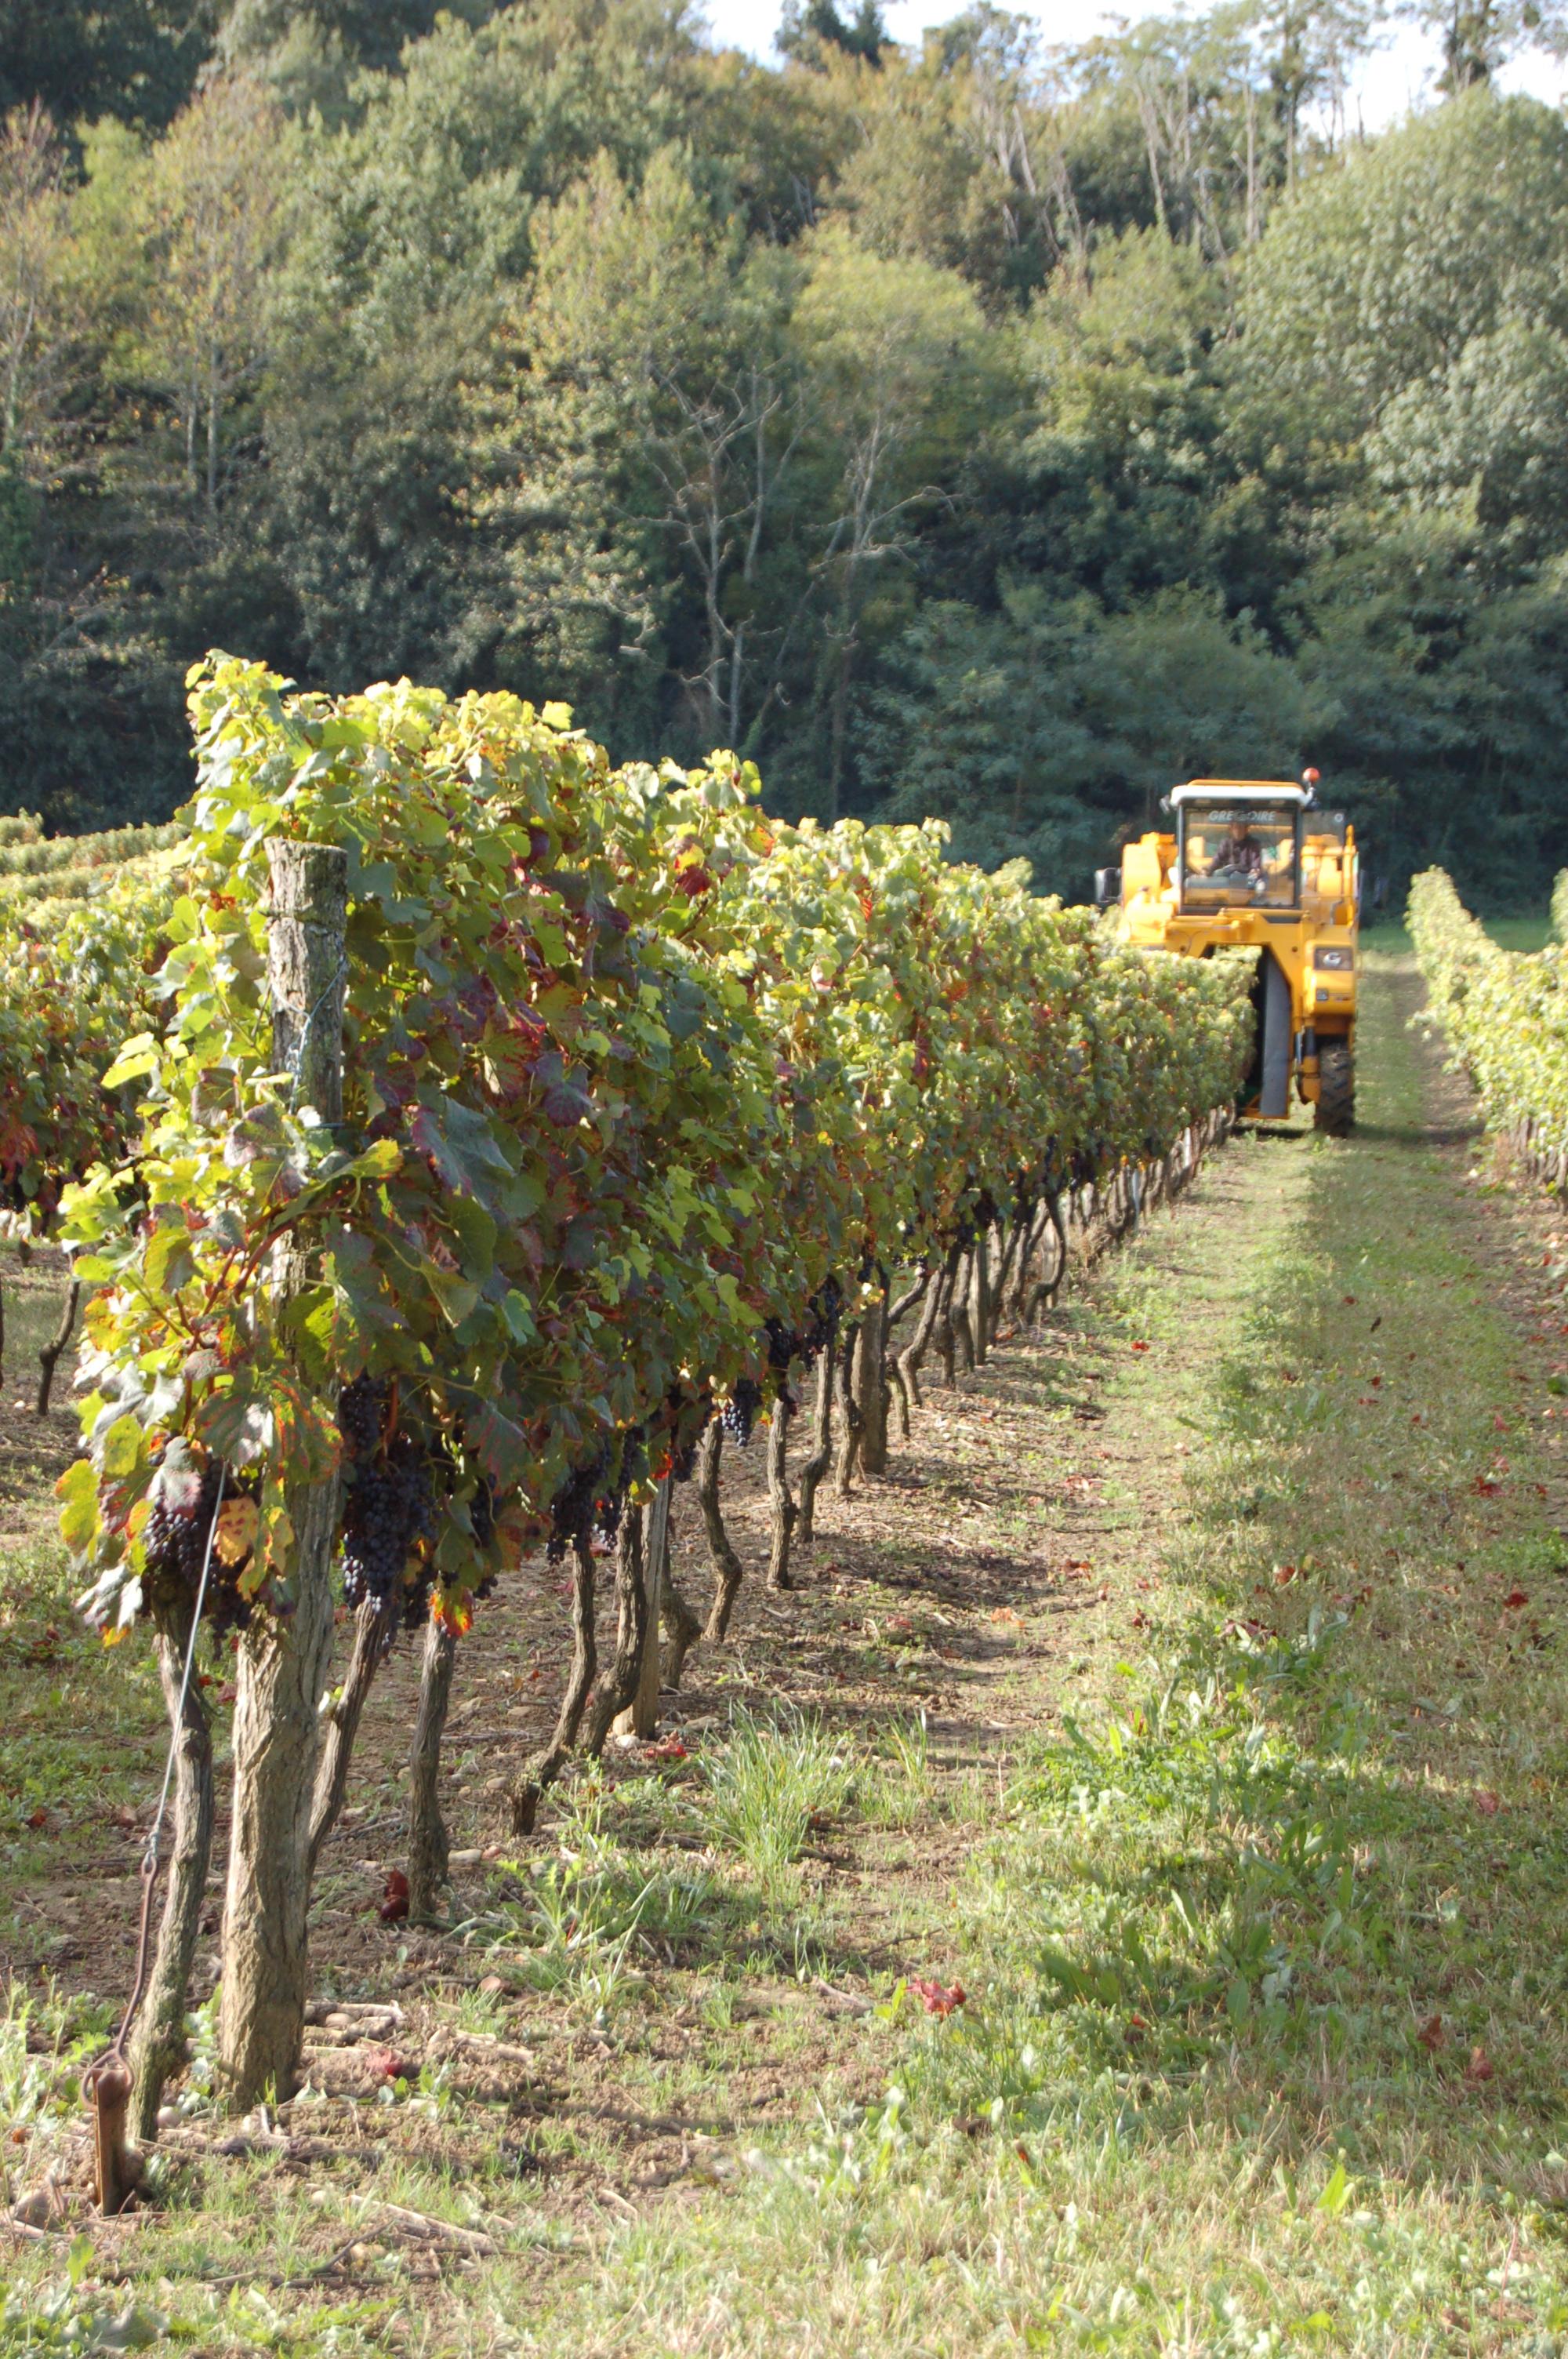 Le vignoble - Situé dans la région de l'Entre-Deux-Mers, sur de magnifiques argilo-calcaires et boulbènes, notre vignoble est constitué d'une cinquantaine d'hectares.Depuis 1996, date de notre arrivée, Stéphane n'a cessé de renouveler le vignoble.Il a augmenté la densité de plantation et équilibré les proportions des différents cépages.Cépages Rouge : Merlot : 27.06 Hectares – Cabernets Sauvignon : 7.73 Hectares Cabernet Franc : 3.00 Hectares.Cépages Blancs : Sémillon : 5.44 Hectares –Sauvignon Blanc : 2.76 Hectares – Sauvignon Gris : 2.36 HectaresMuscadelle : 2.99 HectareLes vendanges sont mécanisées depuis 1971, mon père toujours précurseur fut un des tous premiers à investir dans une machine à vendanger. Vectur était alors leader du marché. Les nouvelles générations de machines effectuent un travail remarquable, et l'intégrité des baies est entièrement préservée.